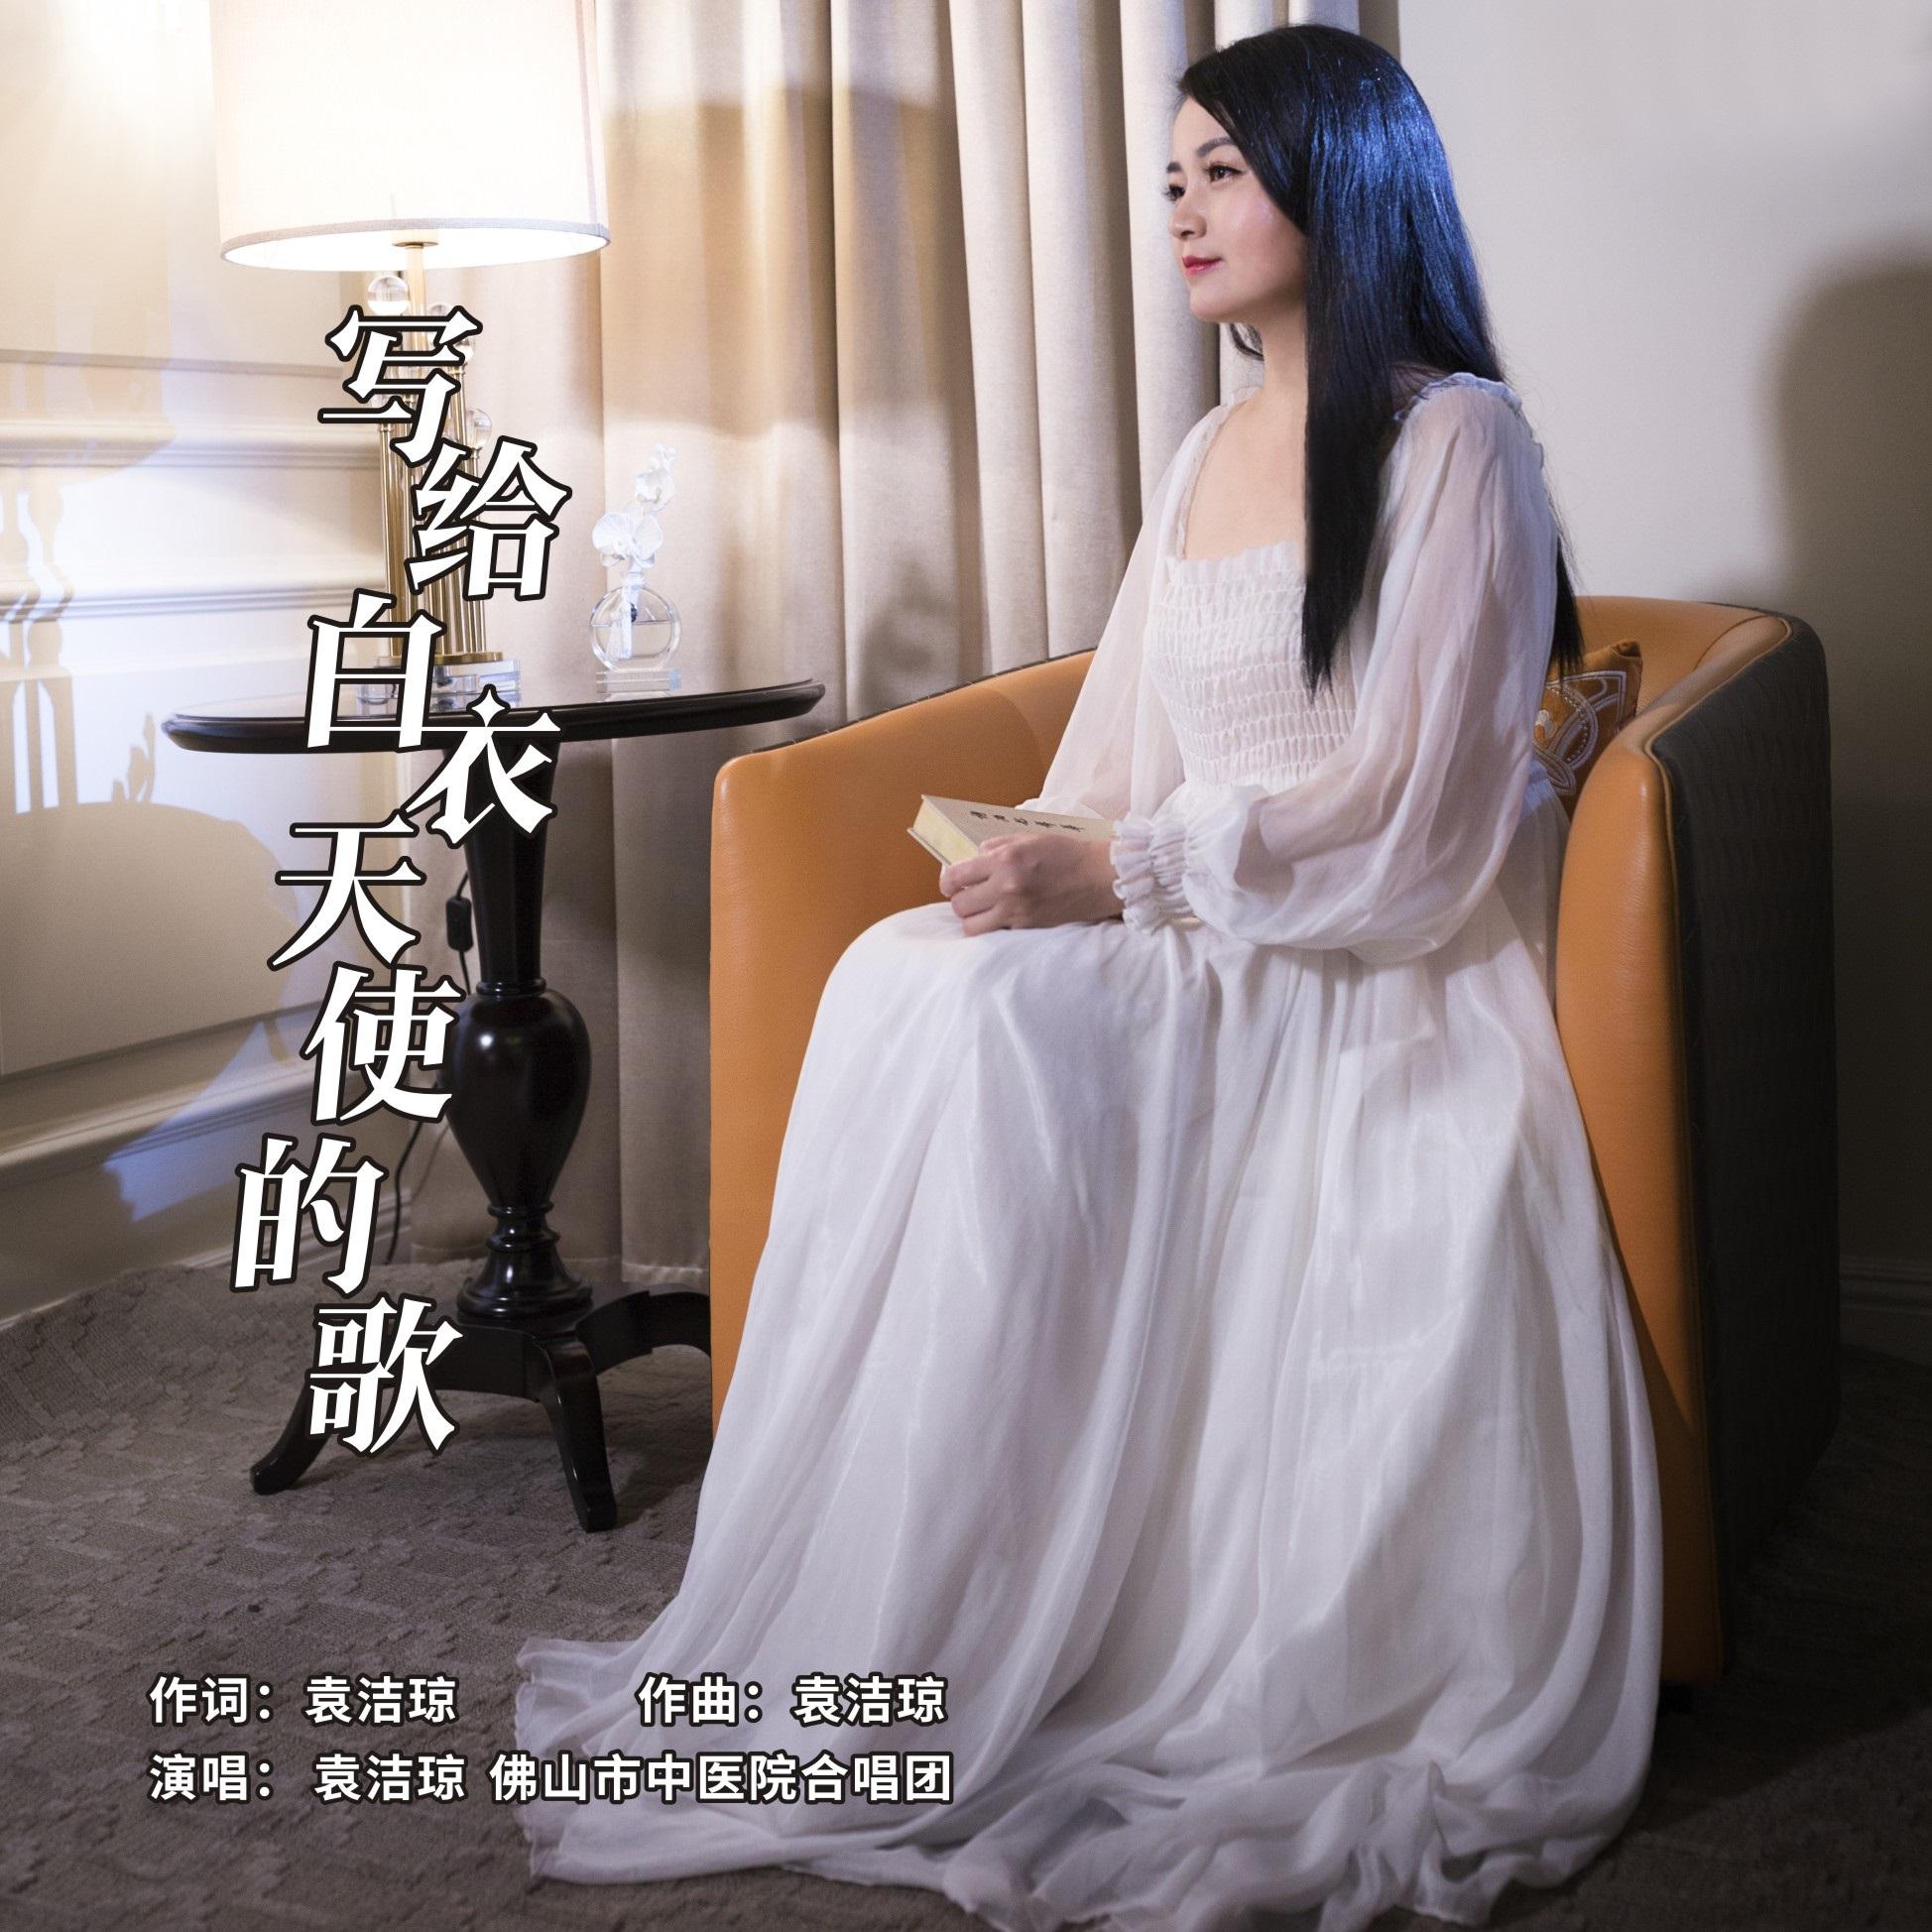 袁洁琼携手白衣天使献唱《写给白衣天使的歌》致敬最美逆行者